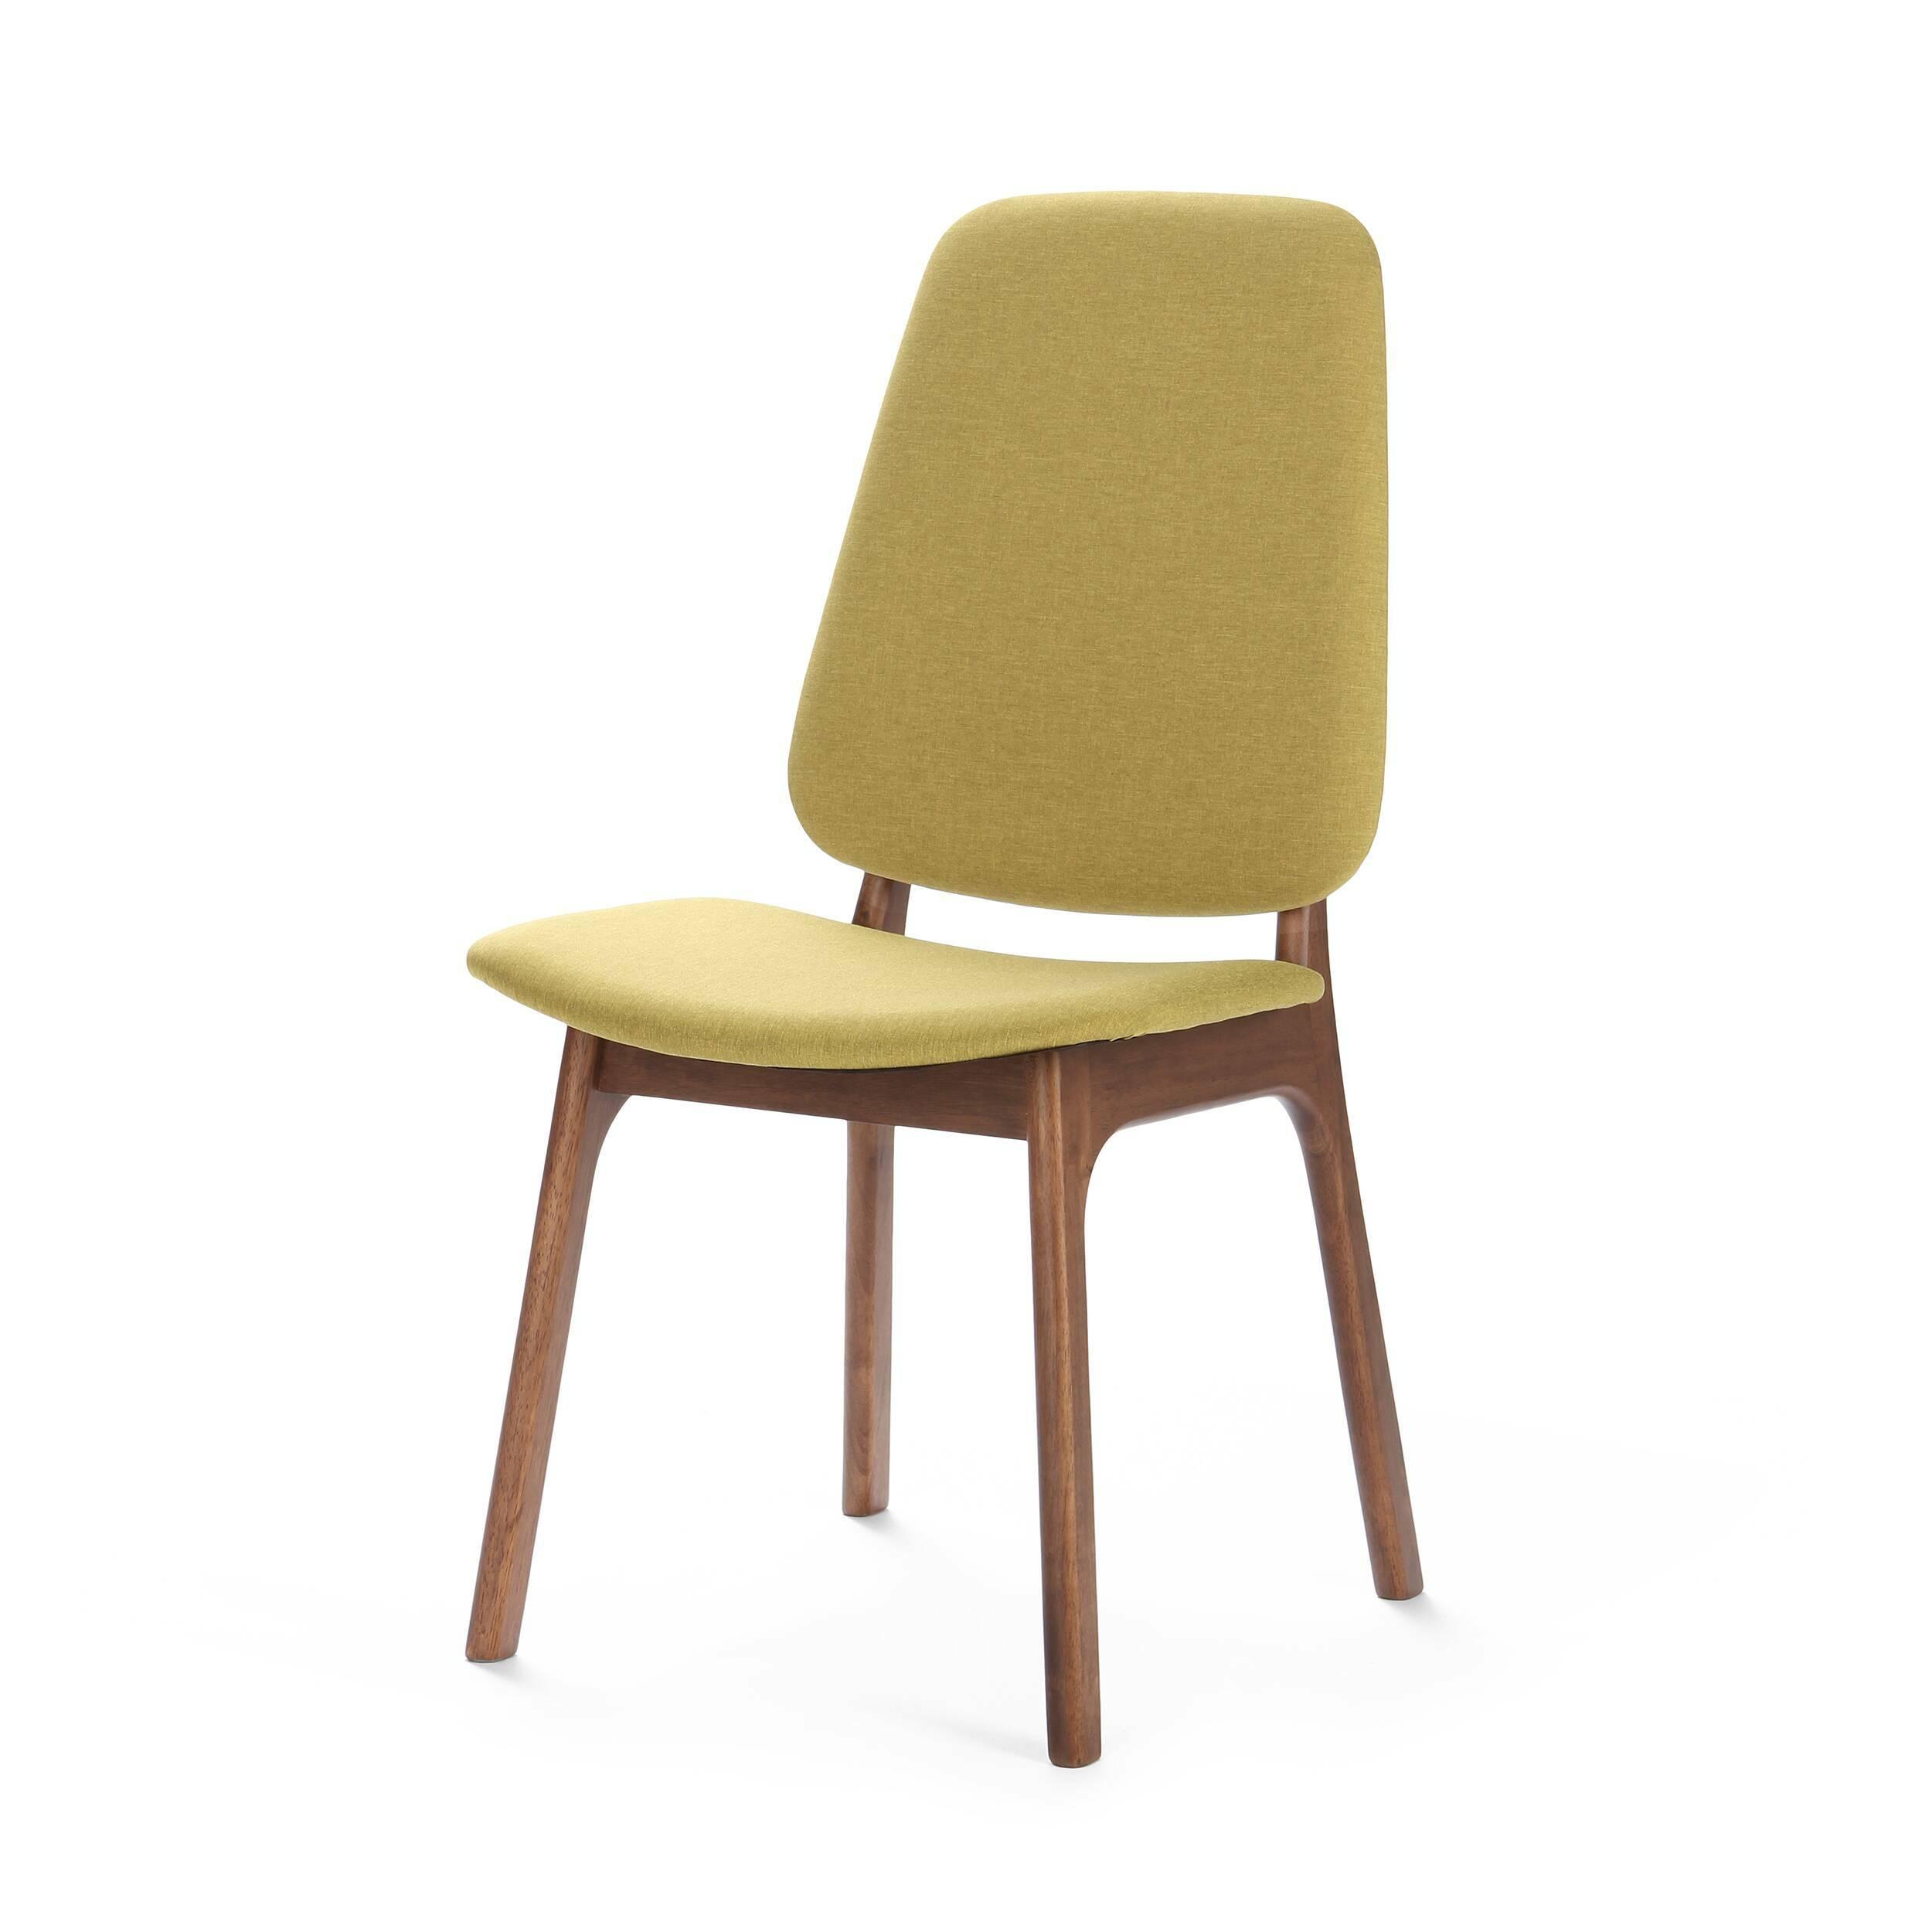 Стул RadleyИнтерьерные<br>Созданный на основе современного стиля, а также с упором на скандинавский модерн стул Radley — отличный вариант обеденной мебели как для маленькой квартирки, так и для роскошной современной виллы. Светлая желтовато-зеленая обивка сиденья в сочетании с ножками из темной натуральной древесины смотрится свежо и современно. <br> <br> Стул Radley также отлично подойдет к интерьеру кабинета в качестве рабочего стула. Благодаря мягкой обивке из полиэстера на стуле сидеть очень комфортно, и можно соверше...<br><br>stock: 0<br>Высота: 94<br>Высота спинки: 47<br>Ширина: 56<br>Глубина: 49.5<br>Цвет ножек: Коричневый<br>Наполнитель: Пена<br>Материал ножек: Массив каучукового дерева<br>Материал сидения: Полиэстер<br>Цвет сидения: Зеленый<br>Тип материала сидения: Ткань<br>Тип материала ножек: Дерево